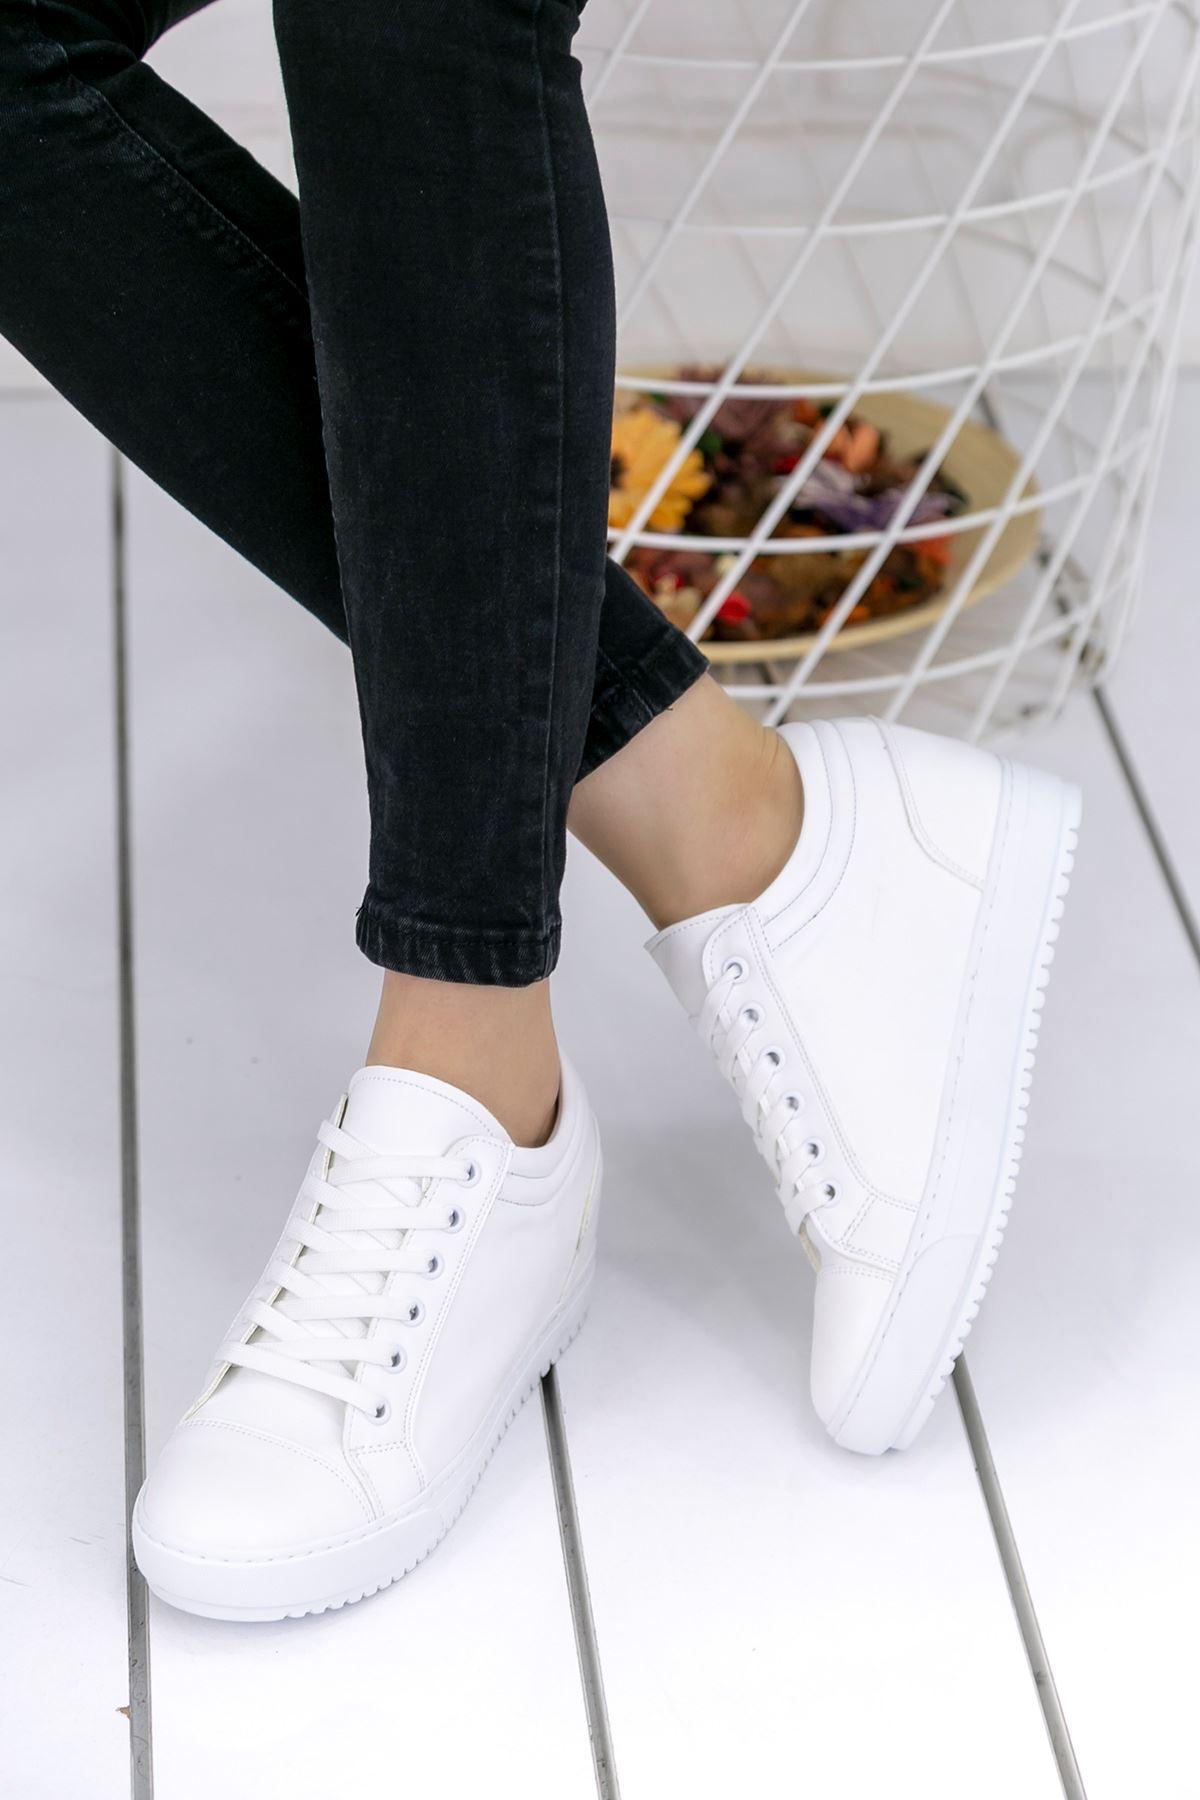 Adonia Beyaz Gizli Topuklu Ortopedik Bayan Spor Ayakkabı